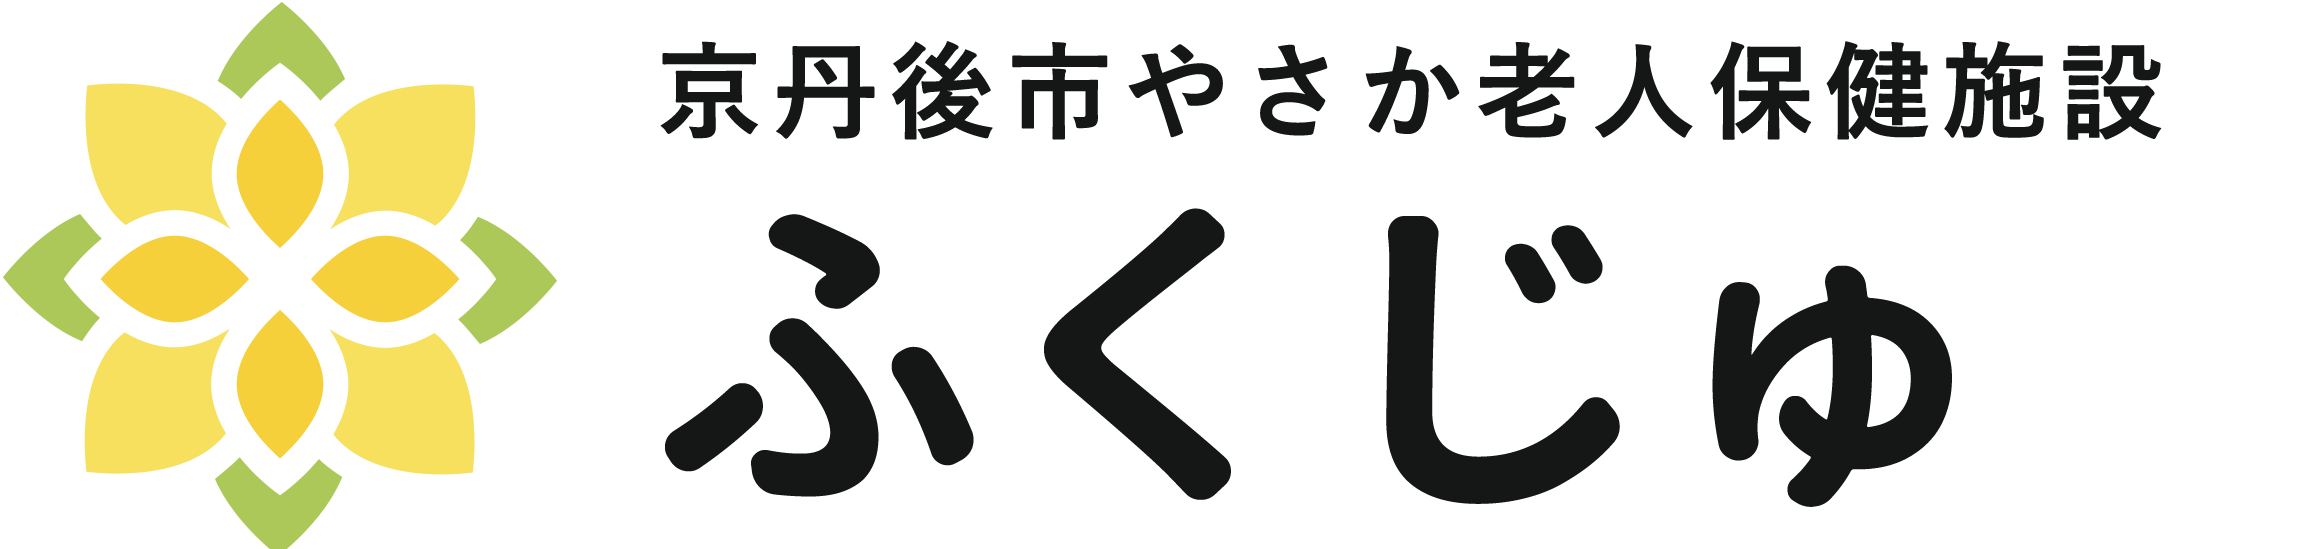 市 ホームページ 京丹後